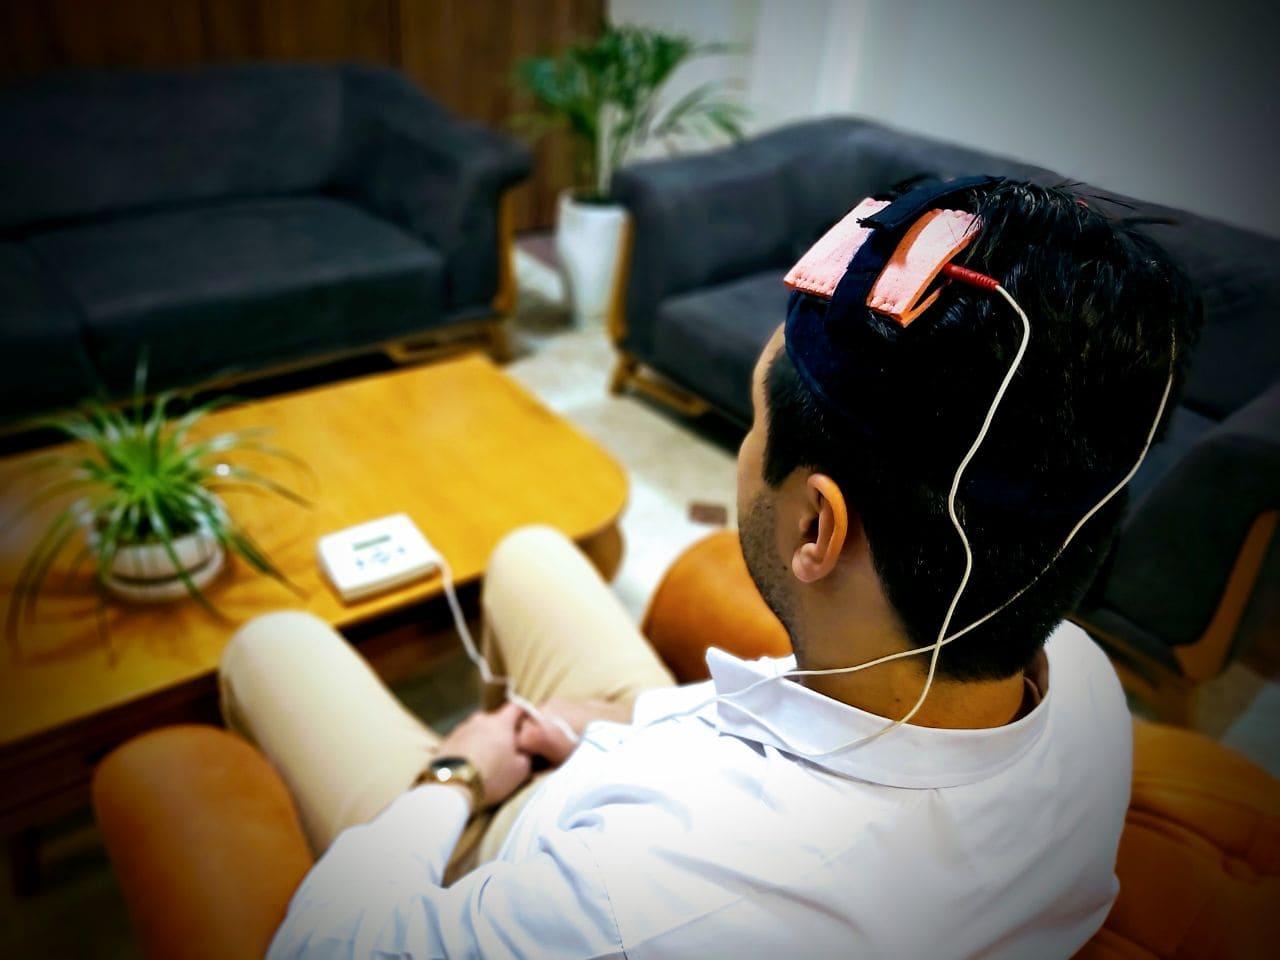 تحریک الکتریکی فراجمجمه ای مغز